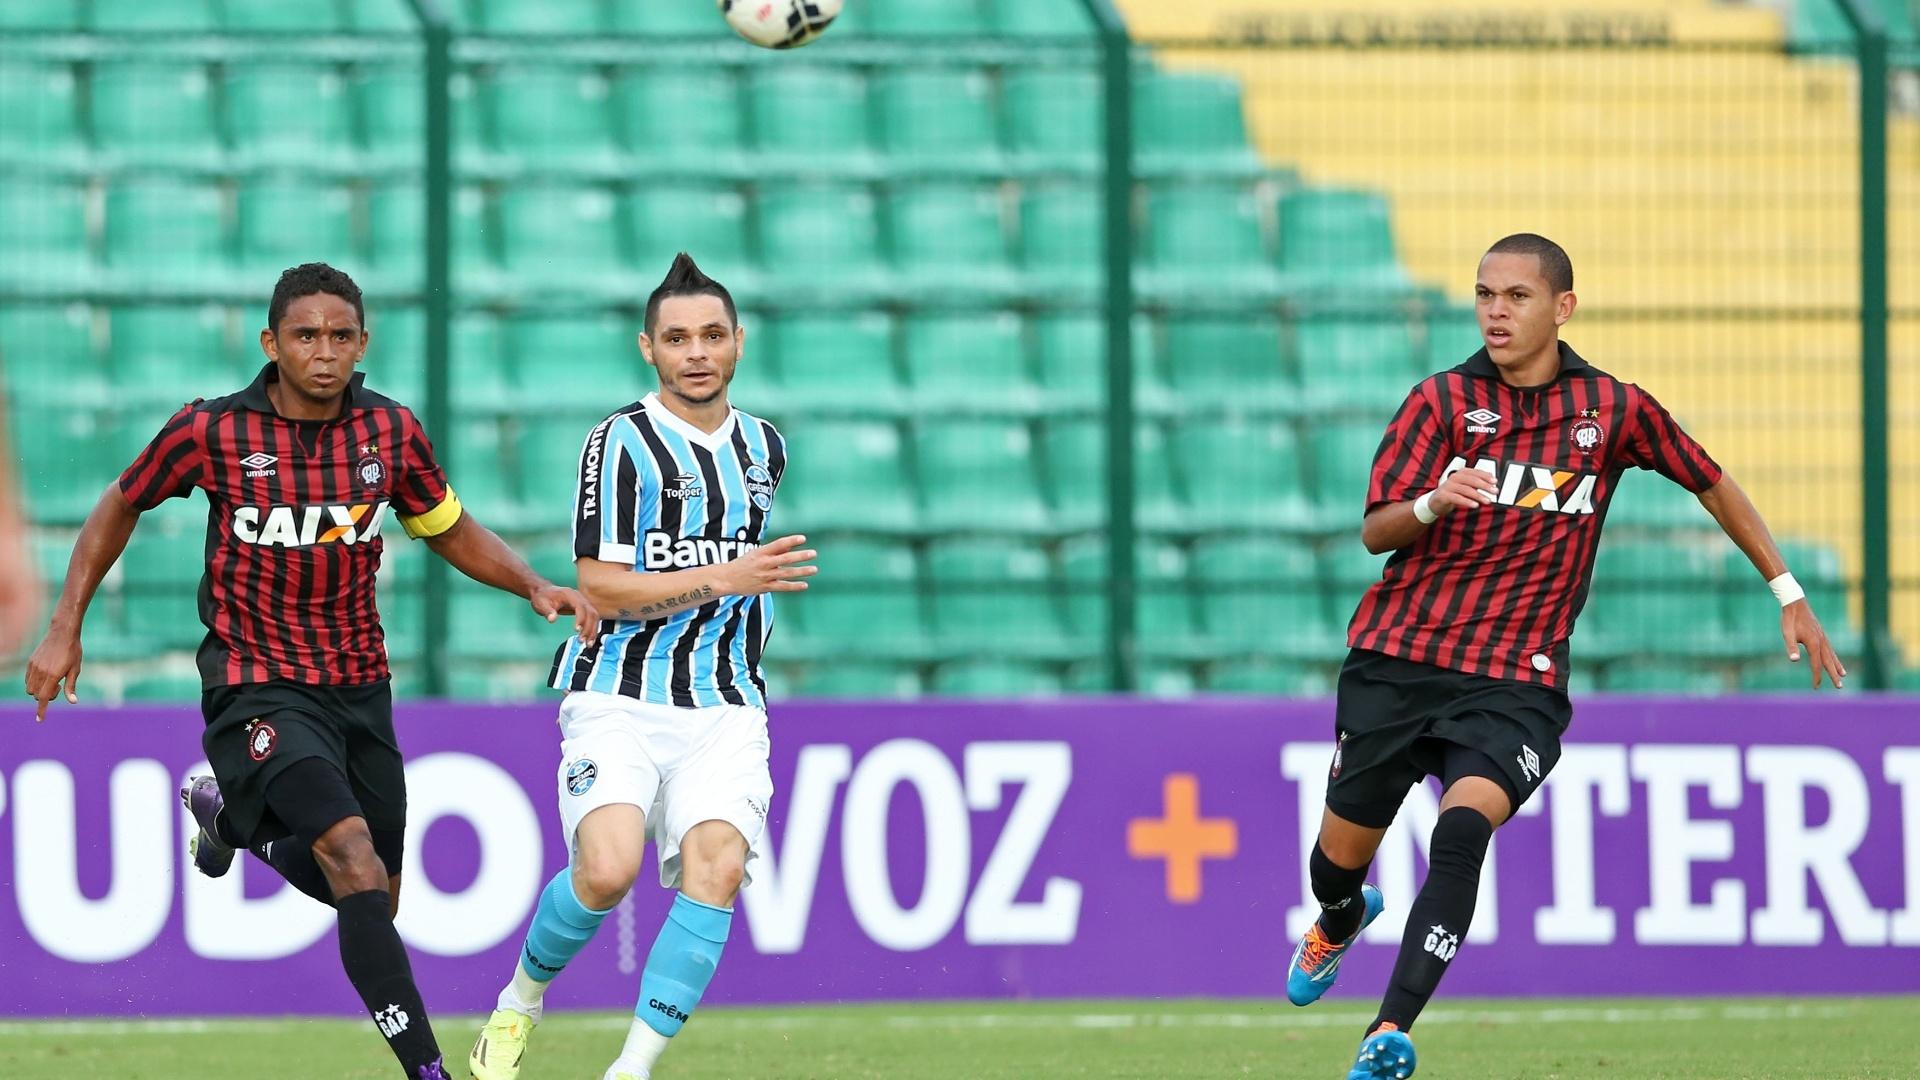 20.abr.2014 - Pará, do Grêmio, e Deivid (e), do Atlético-PR, observam a bola no estádio Orlando Scarpelli, em SC